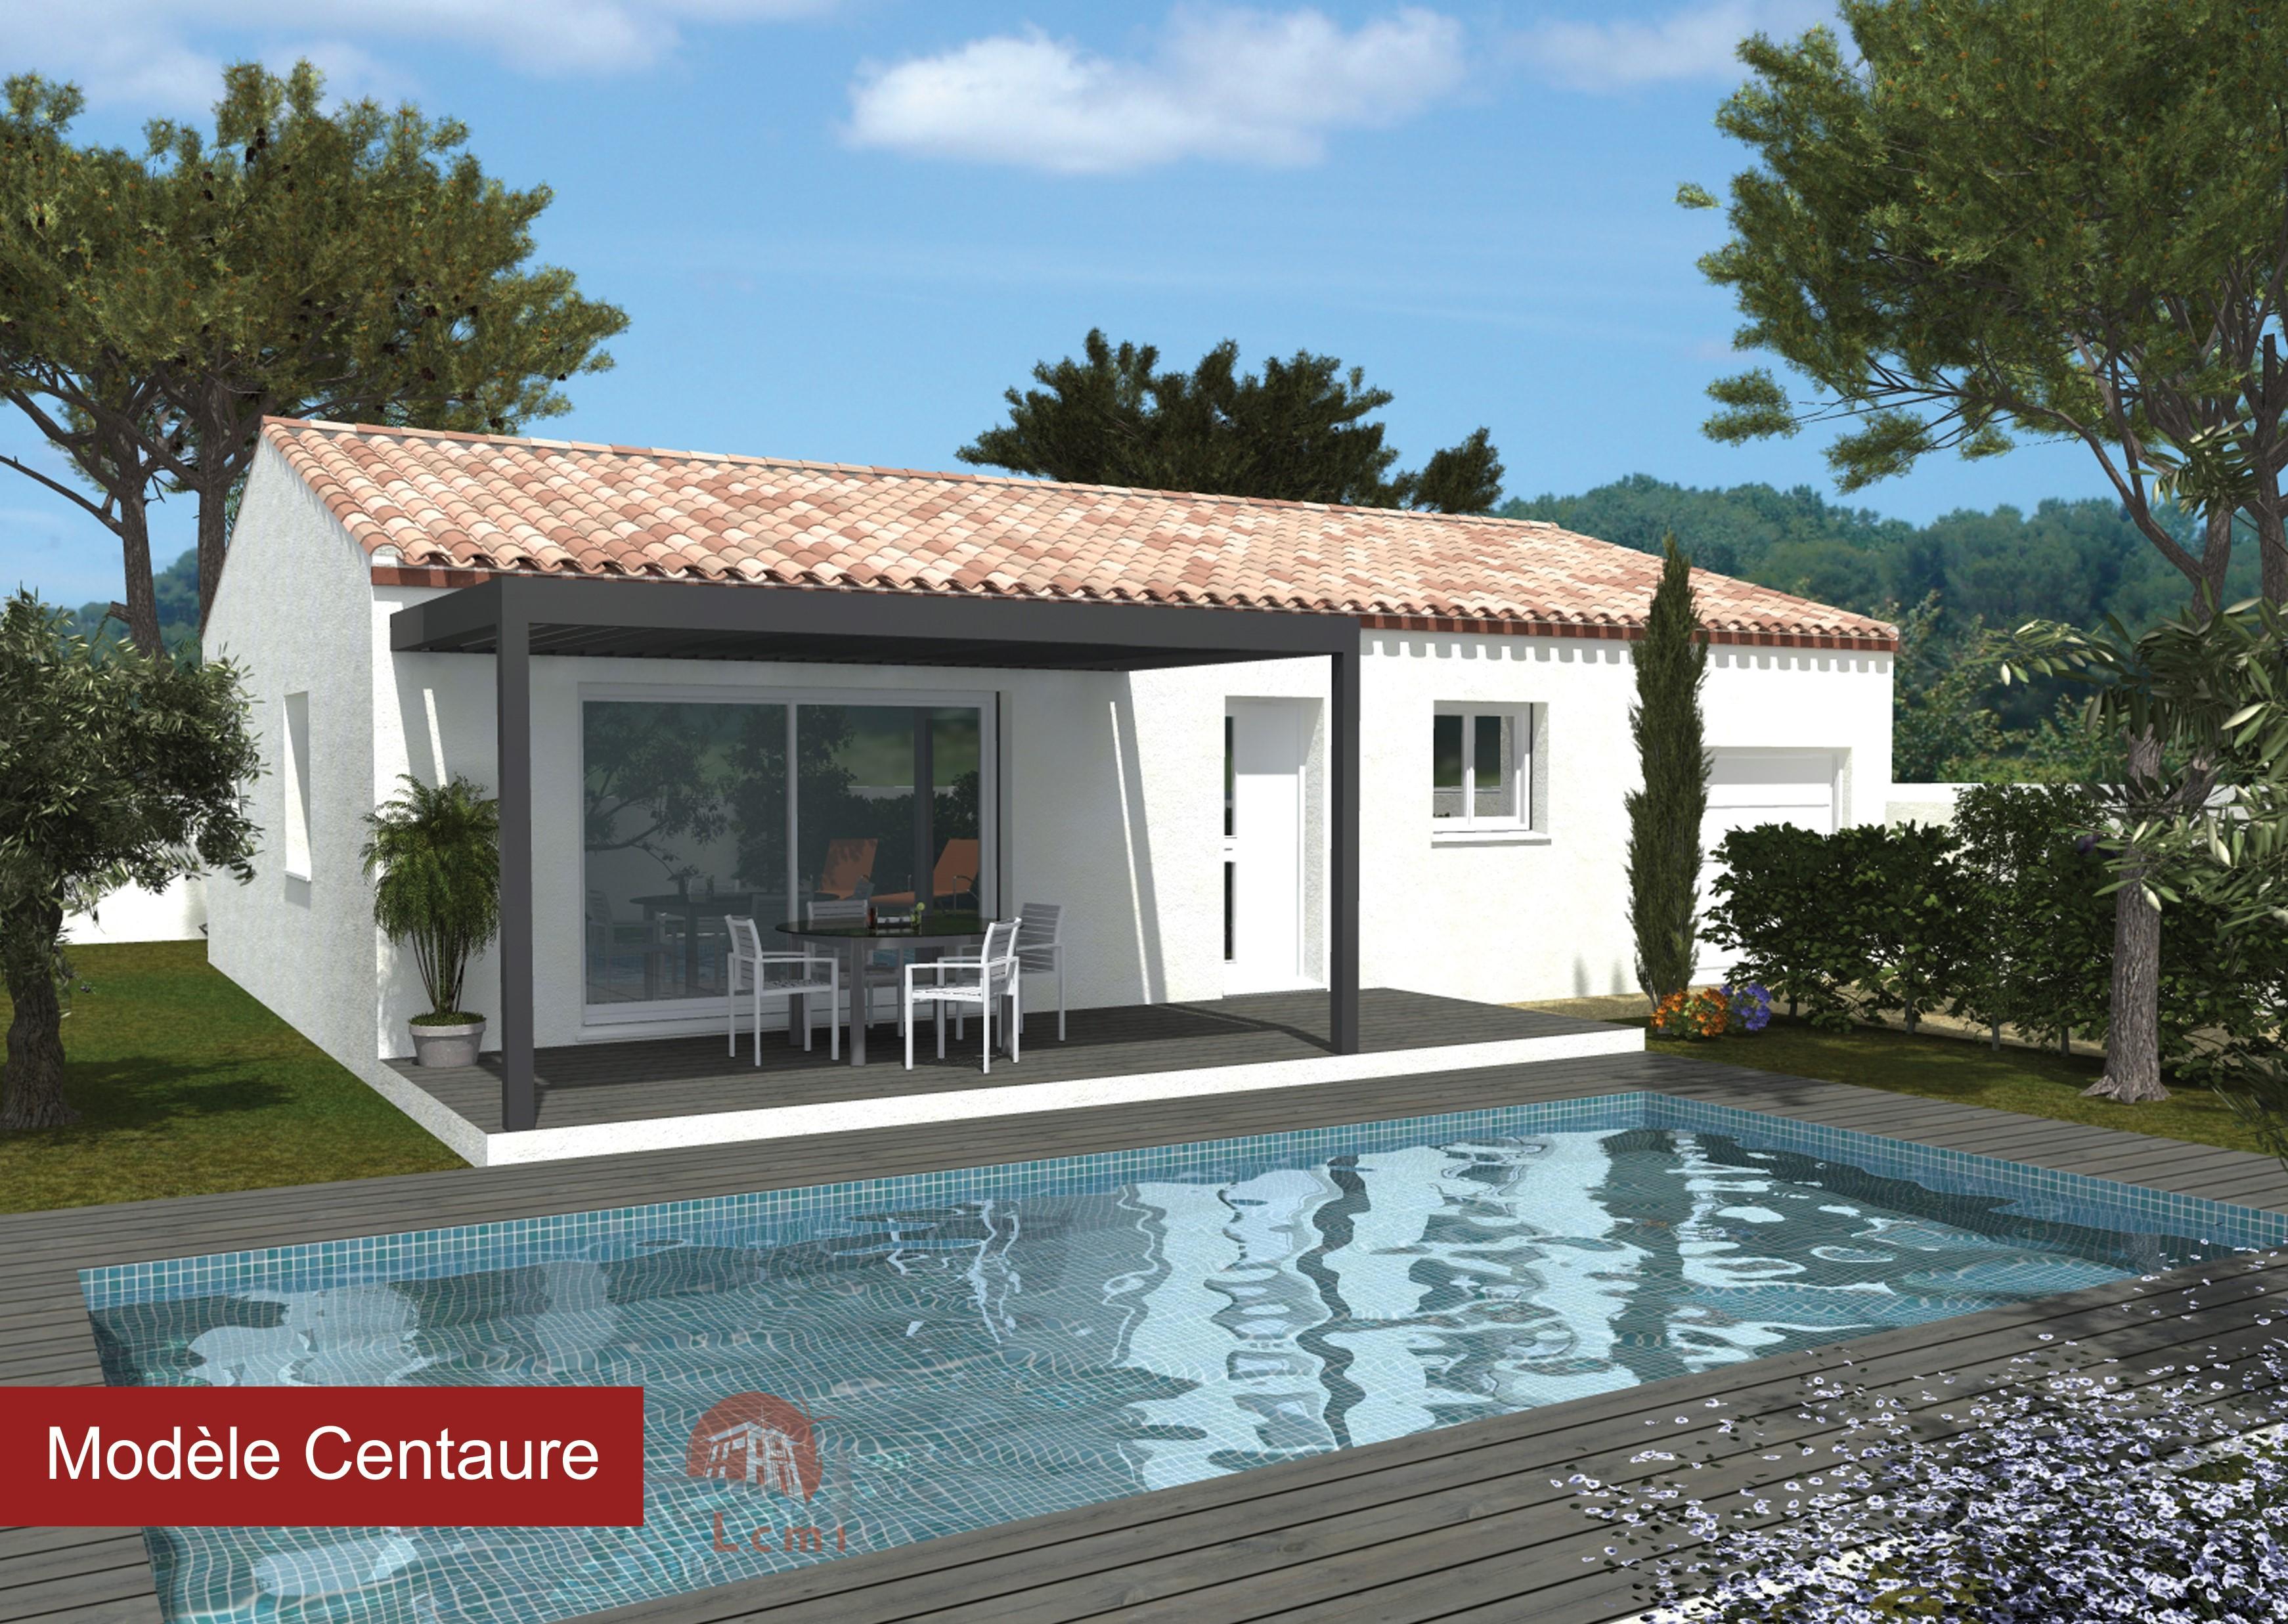 Maisons + Terrains du constructeur LACIN CONSTRUCTION • 90 m² • CAUX